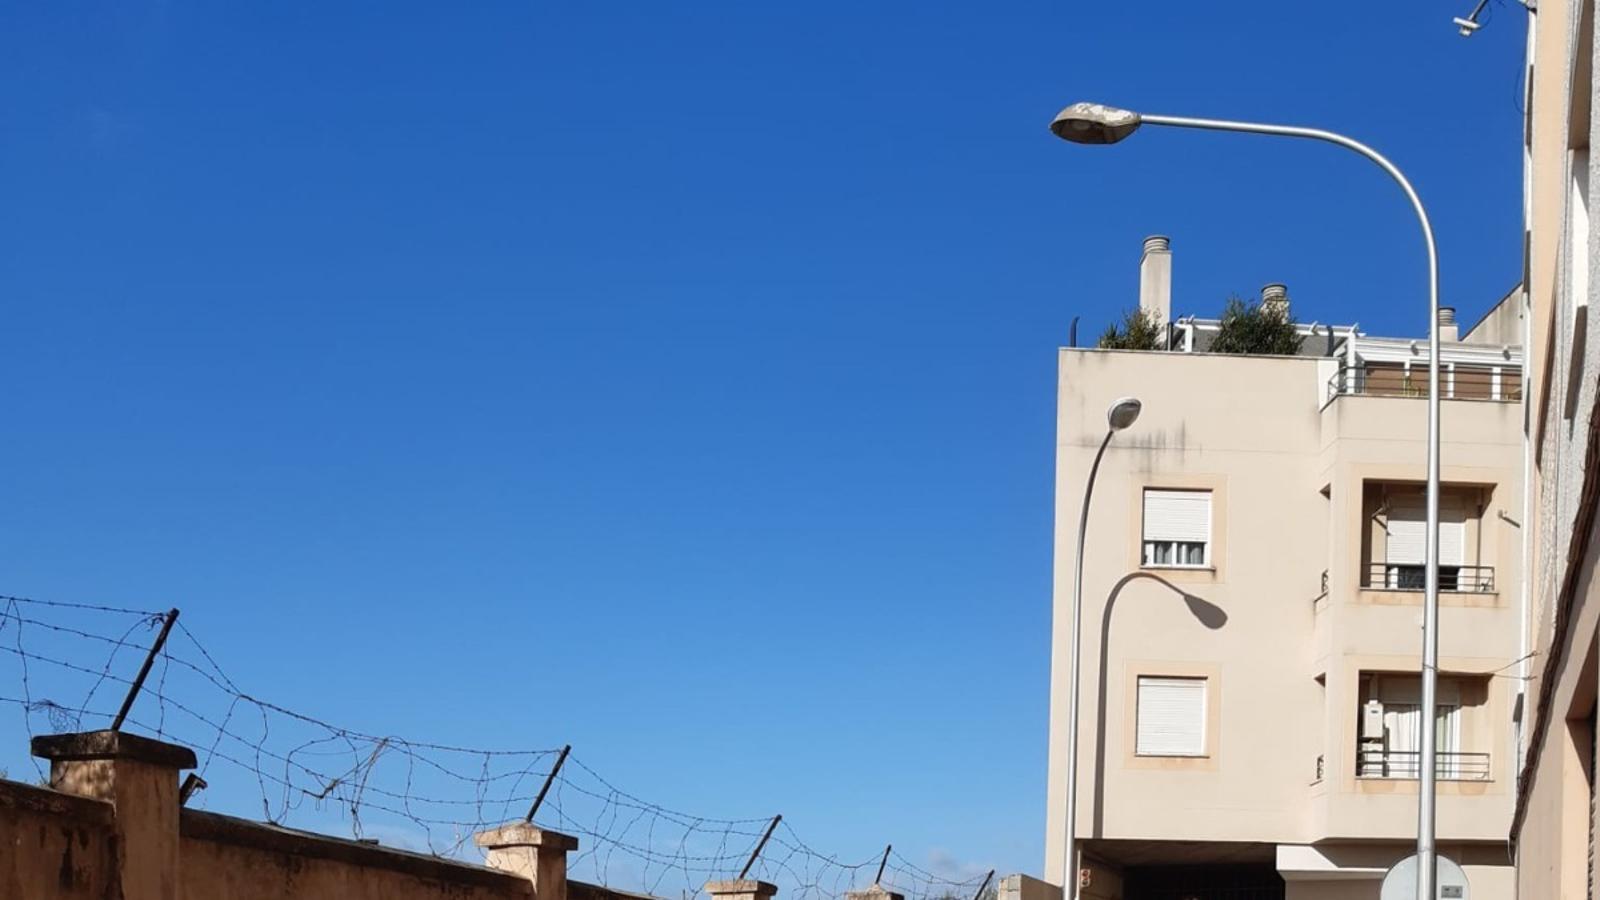 Les obres per canviar l'enllumenat del carrer de Son Busquets de Palma.